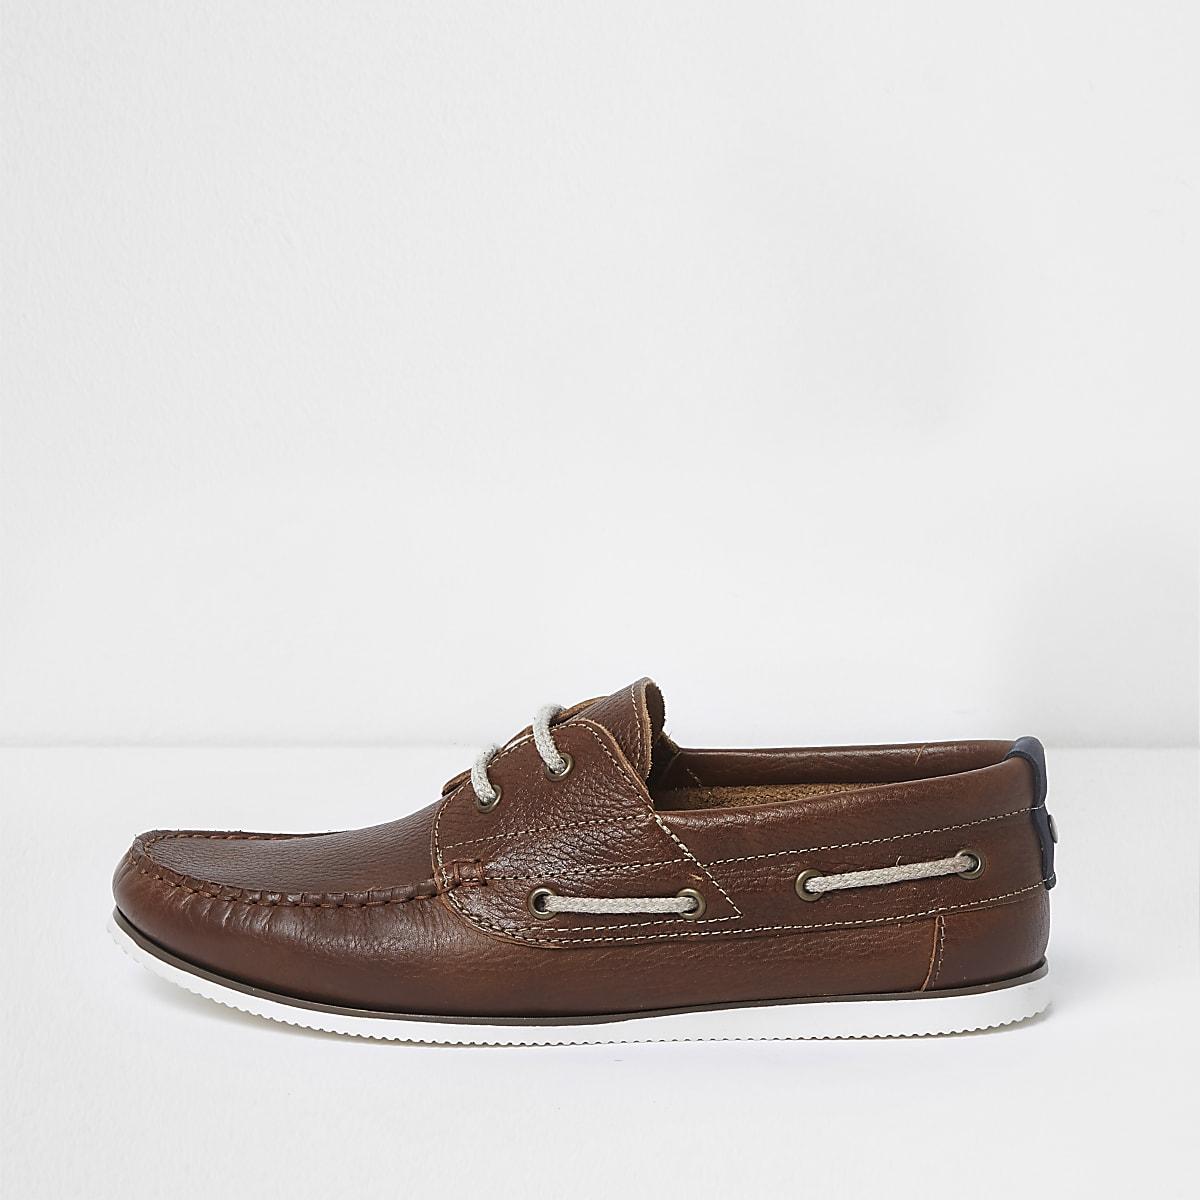 Chaussures bateau en cuir marron fauve à lacets